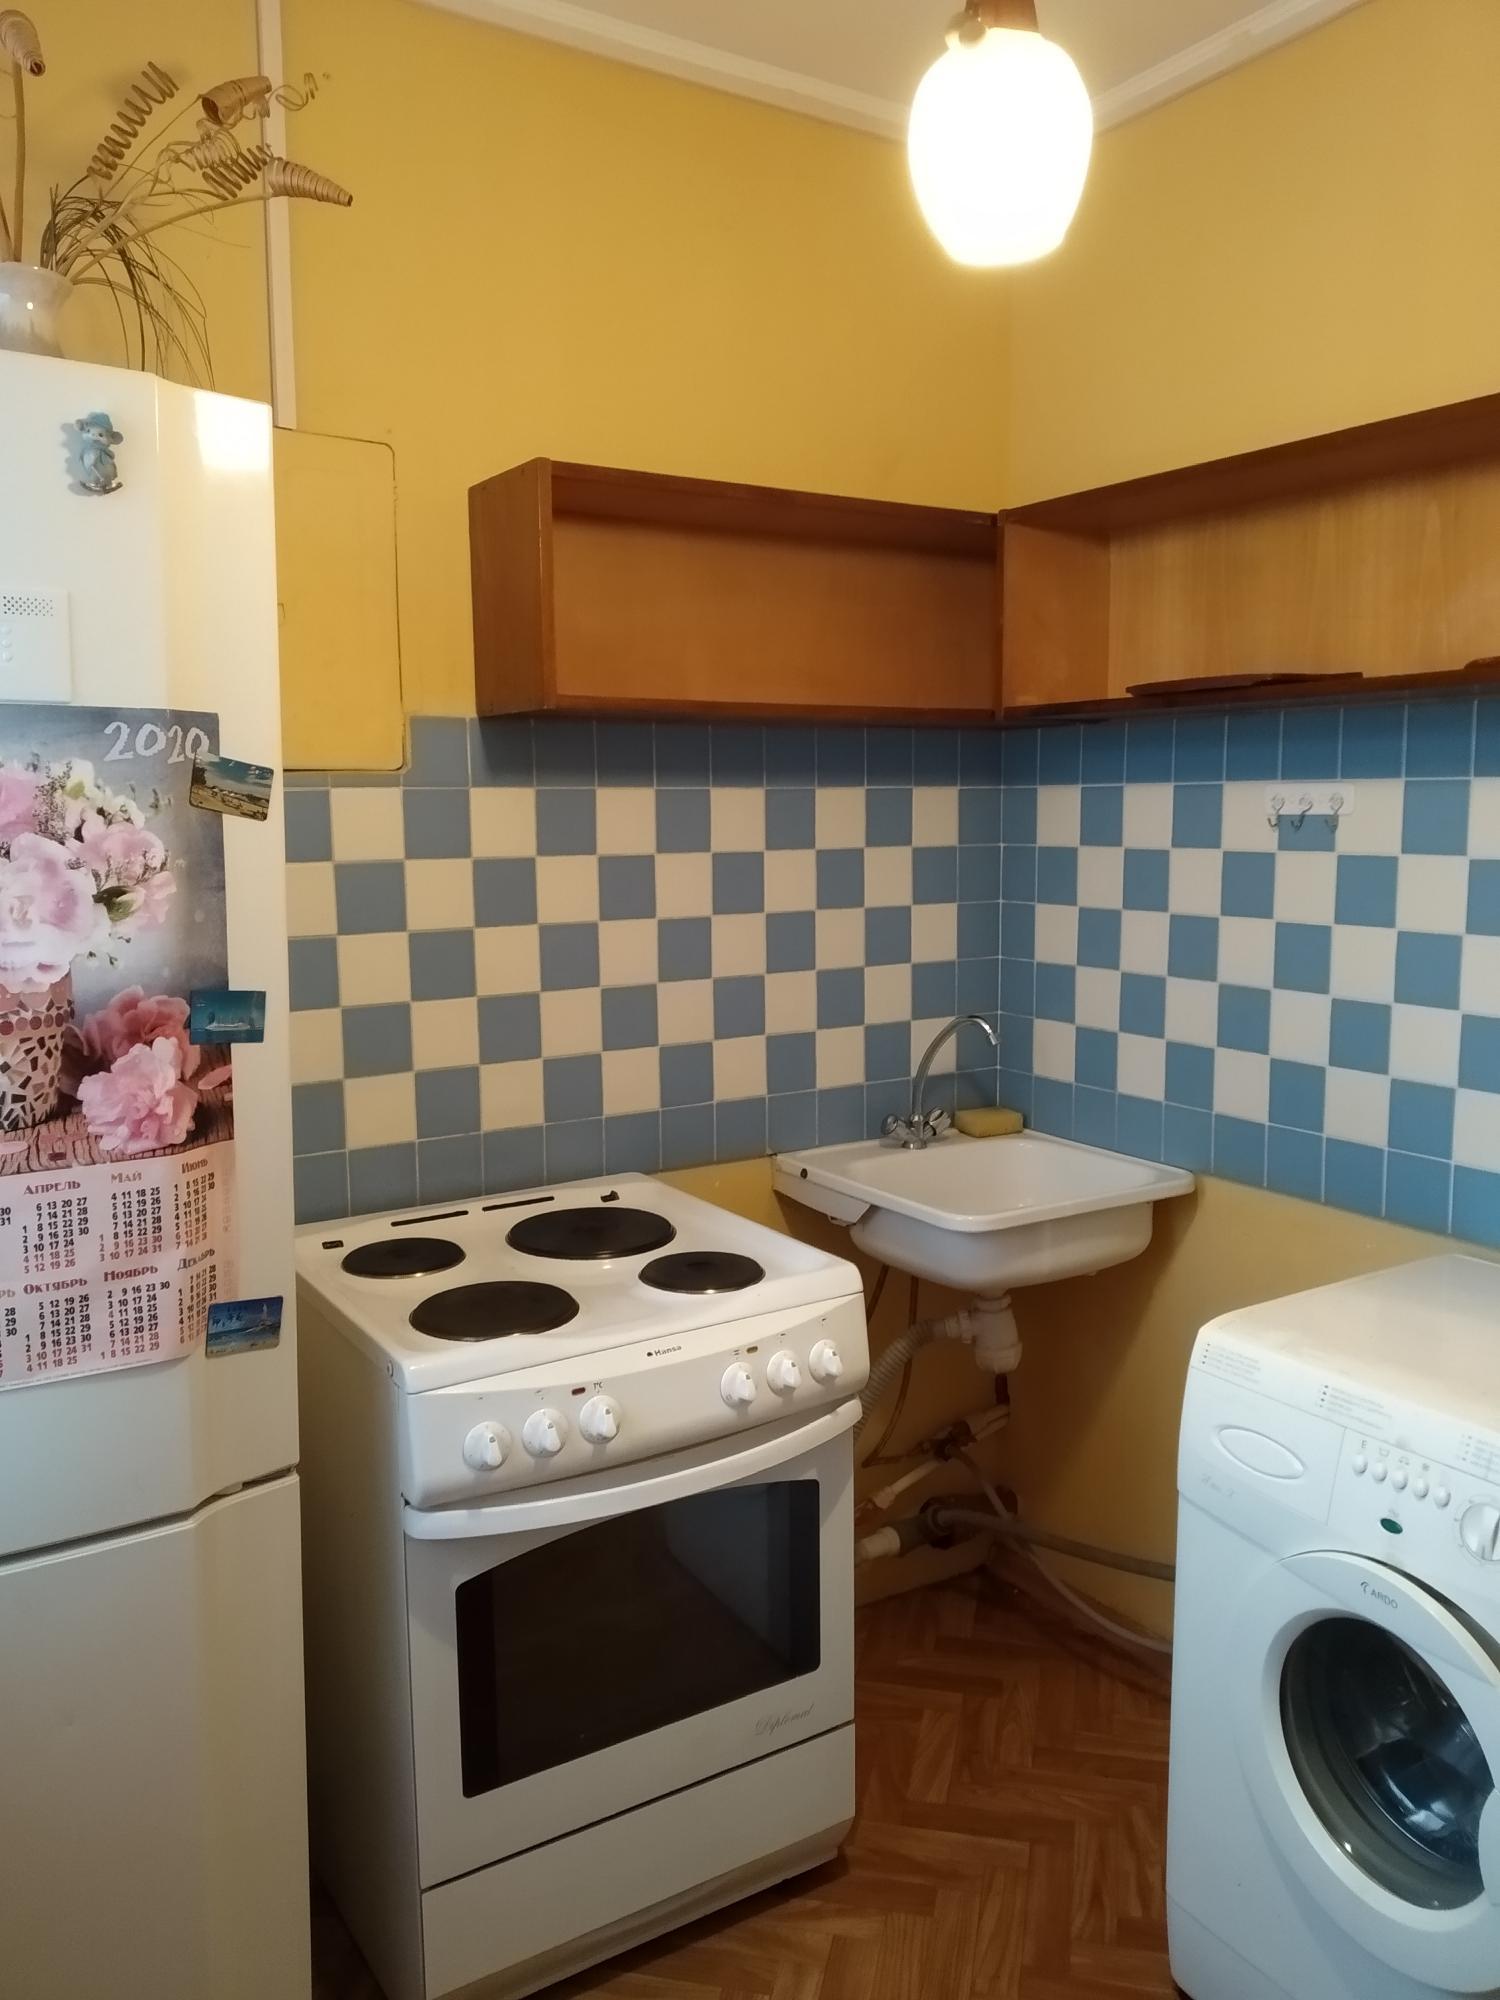 1к квартира проспект Мира, 111 | 13500 | аренда в Красноярске фото 5